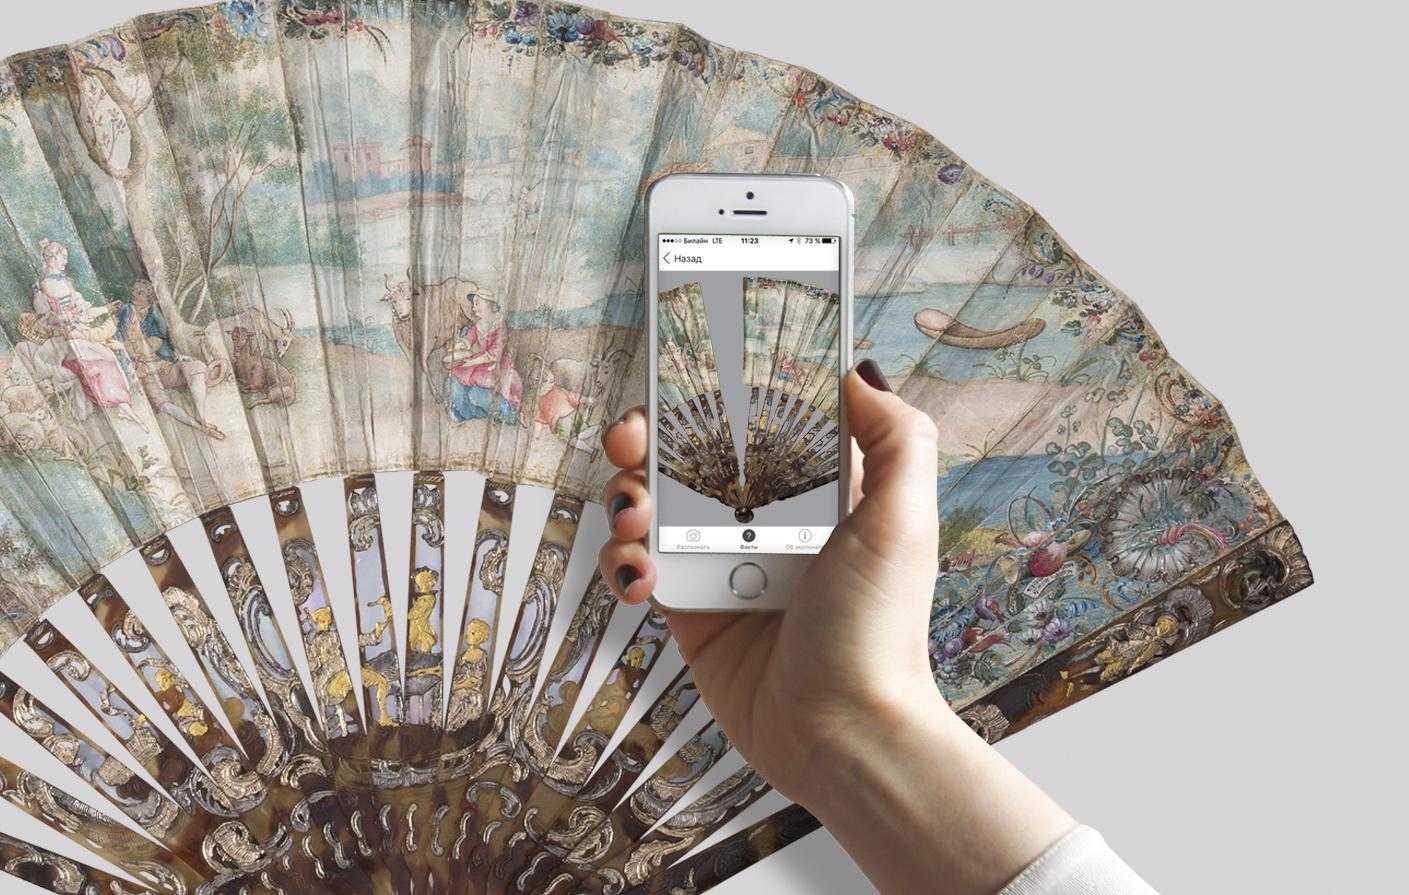 Министерство культуры РФ выпустило приложение для российских музеев с дополненной реальностью Министерство культуры РФ выпустило приложение для российских музеев с дополненной реальностью